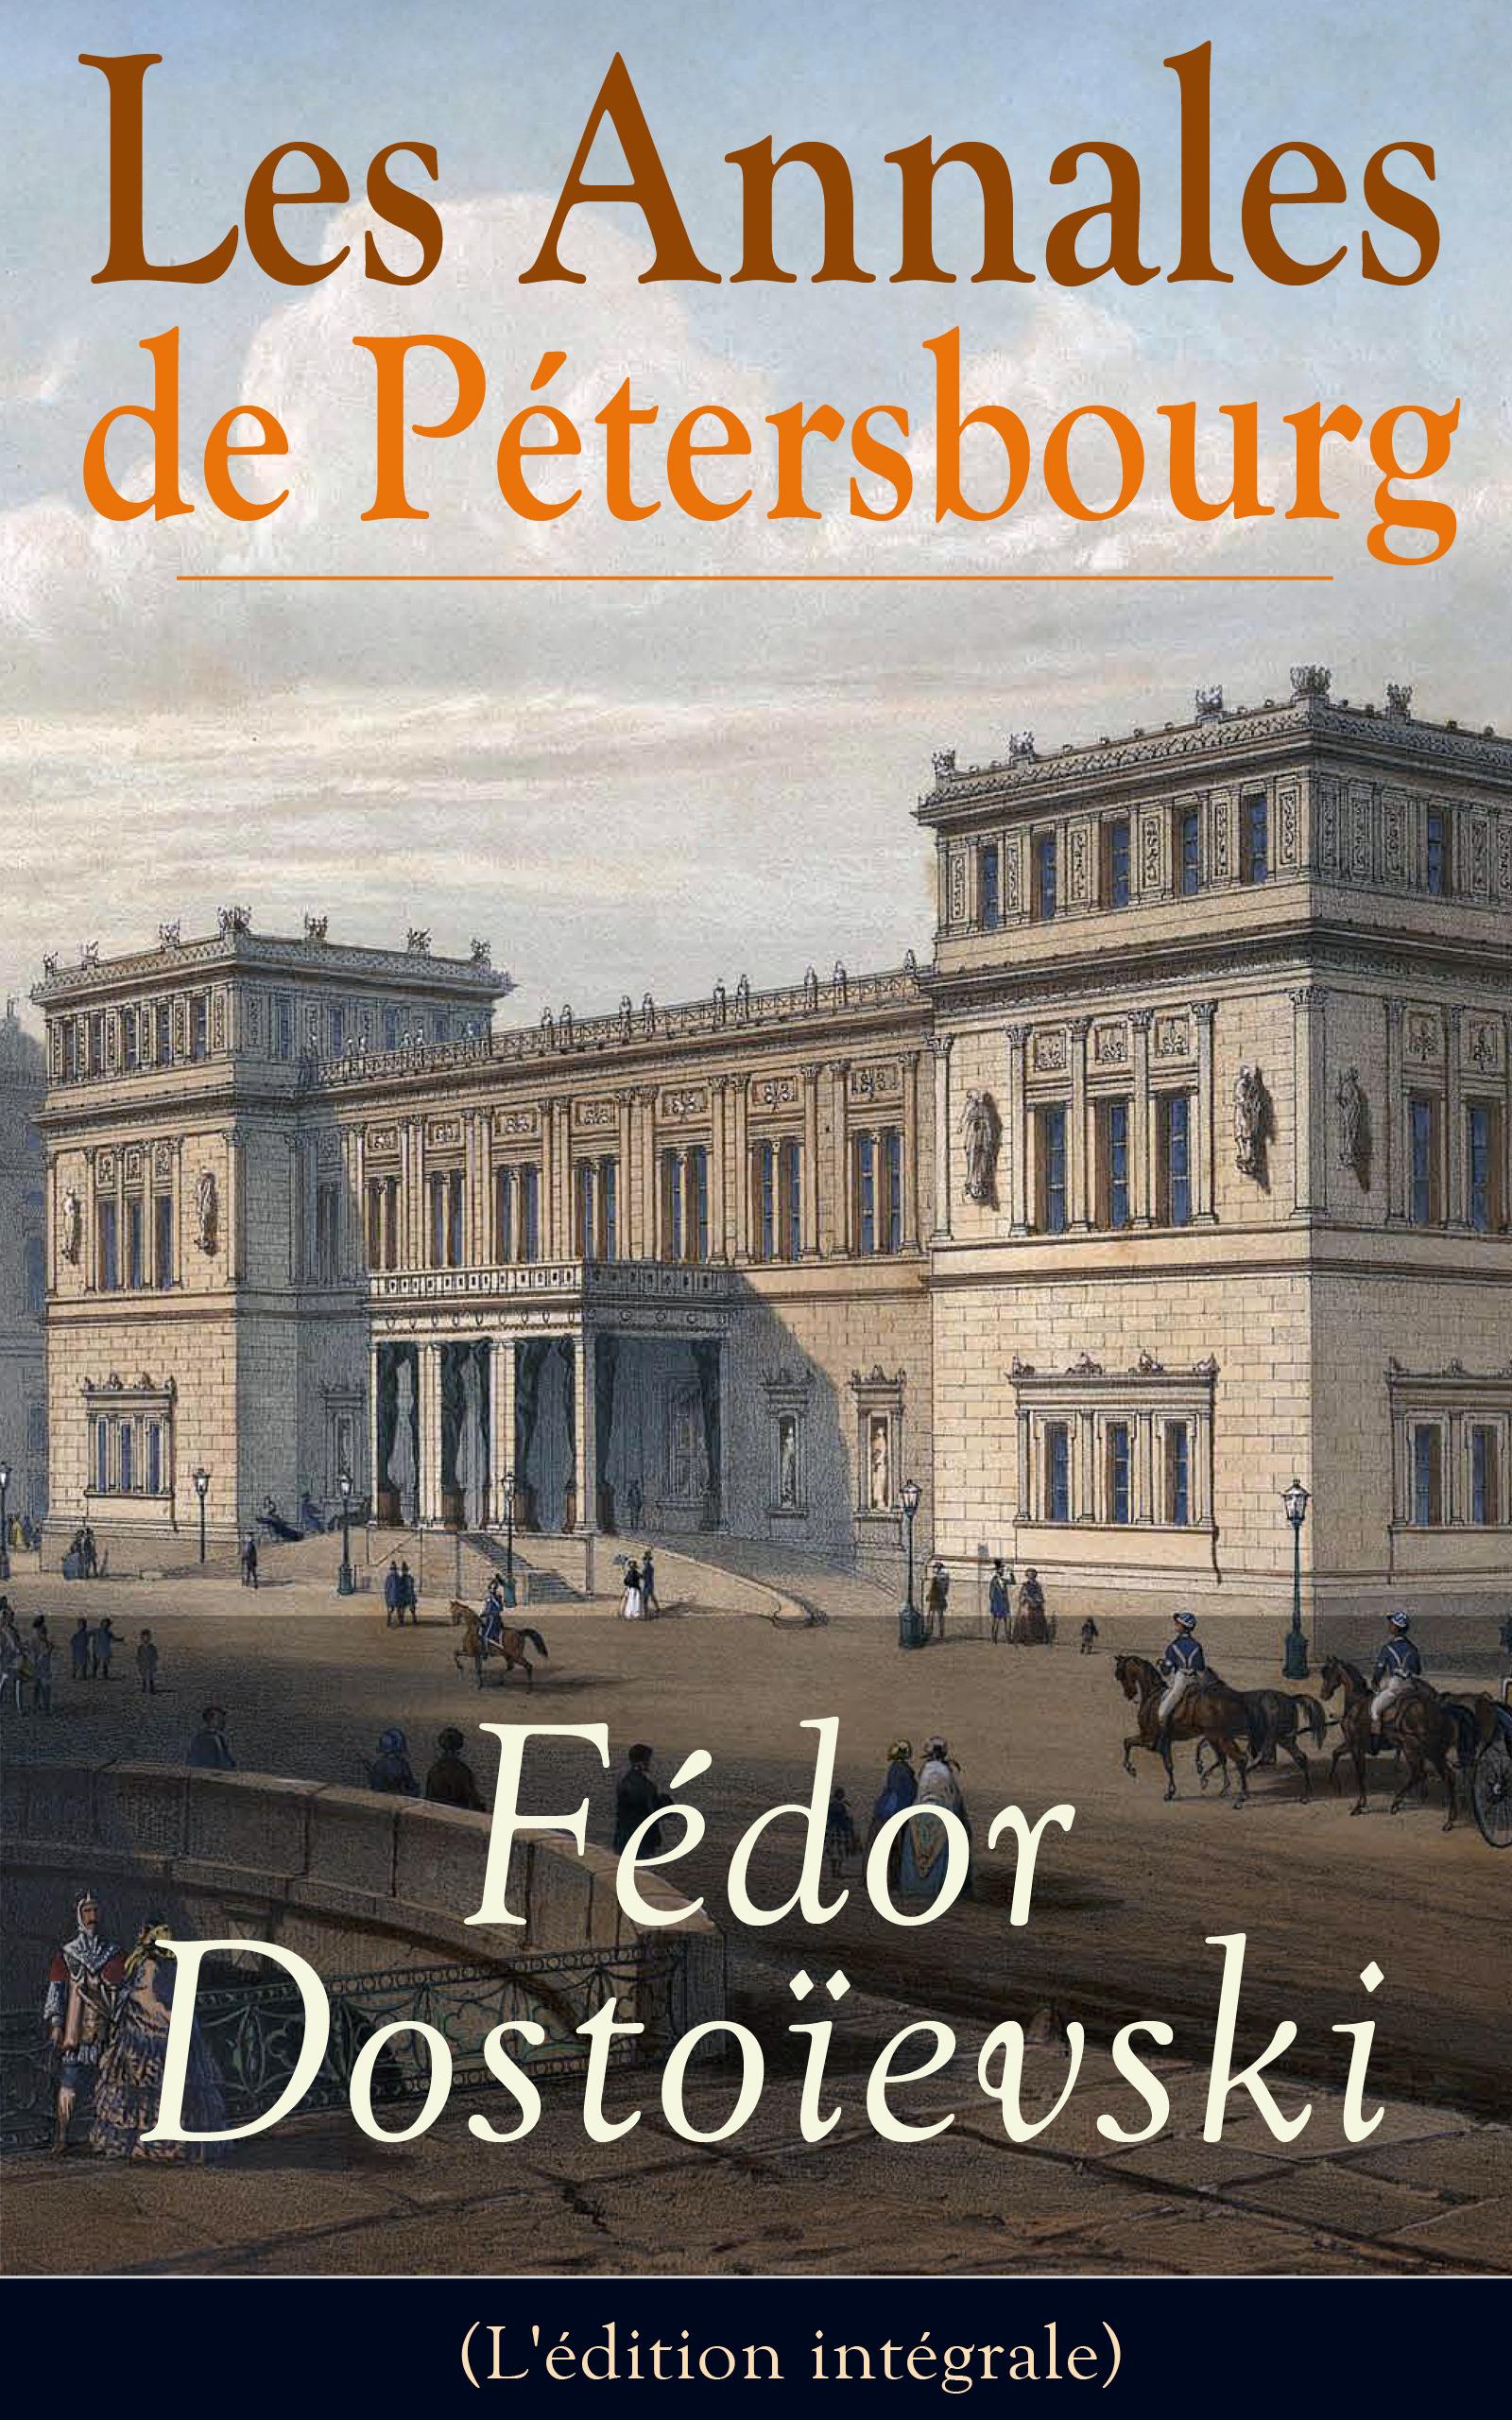 Les Annales de Pétersbourg (L'édition intégrale)